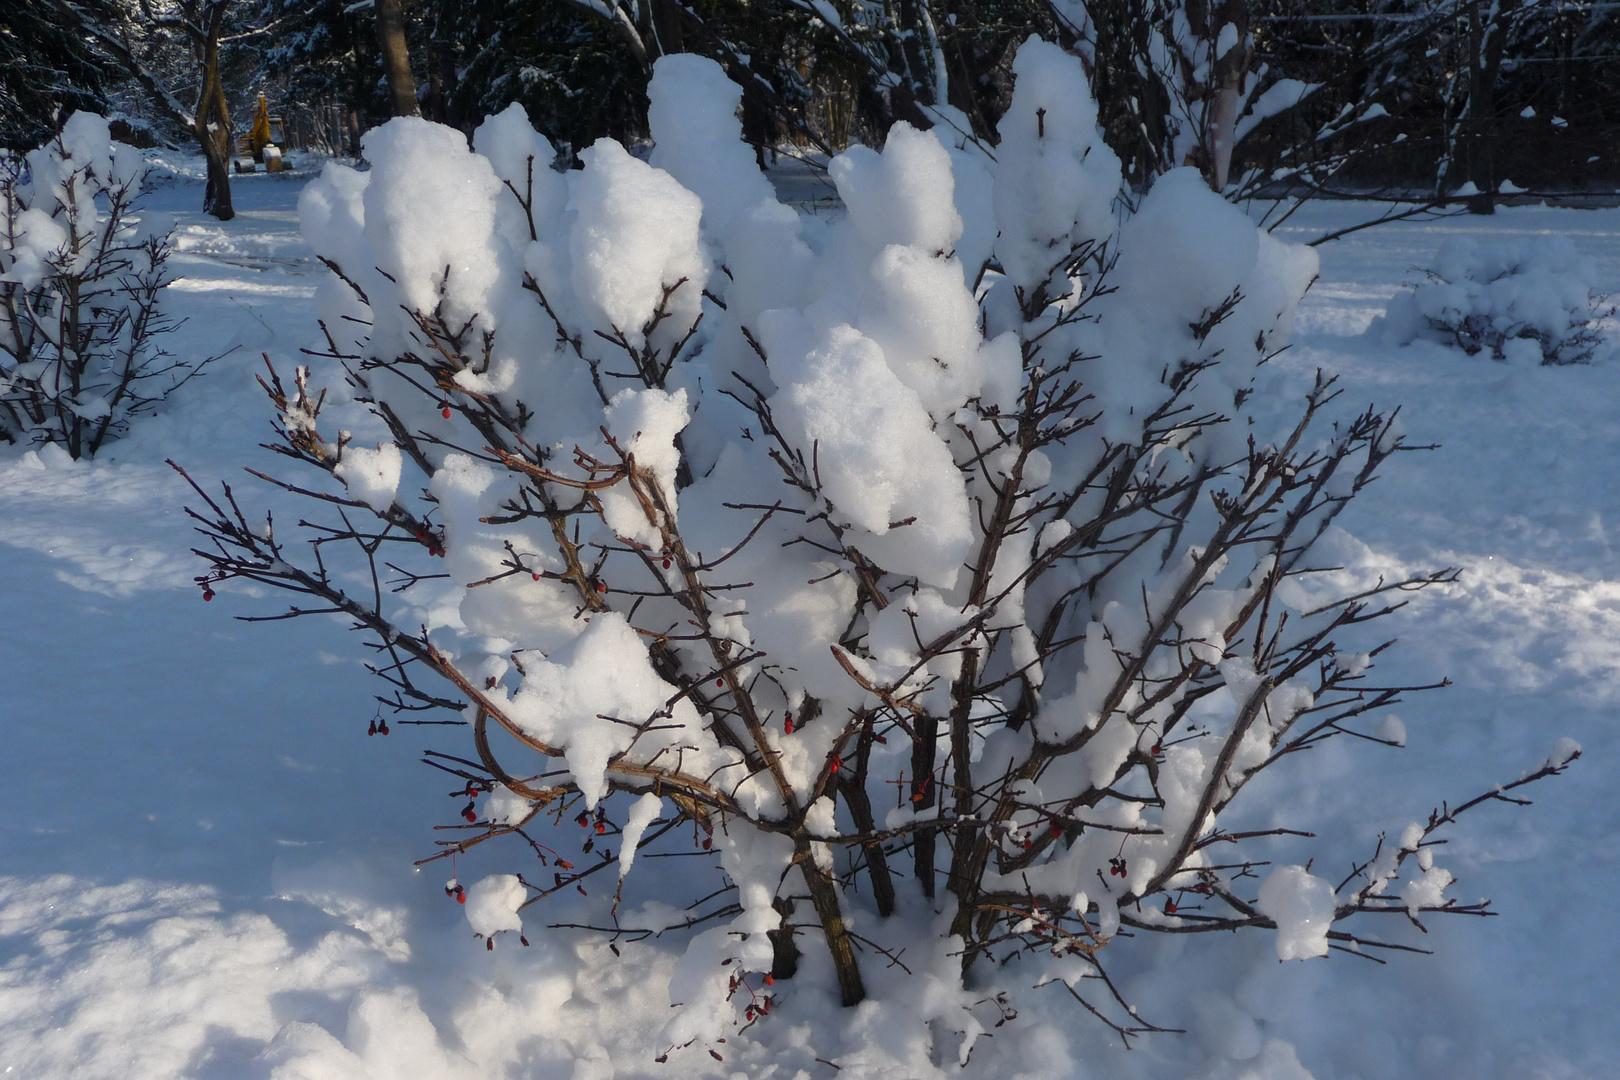 Natur und Schnee